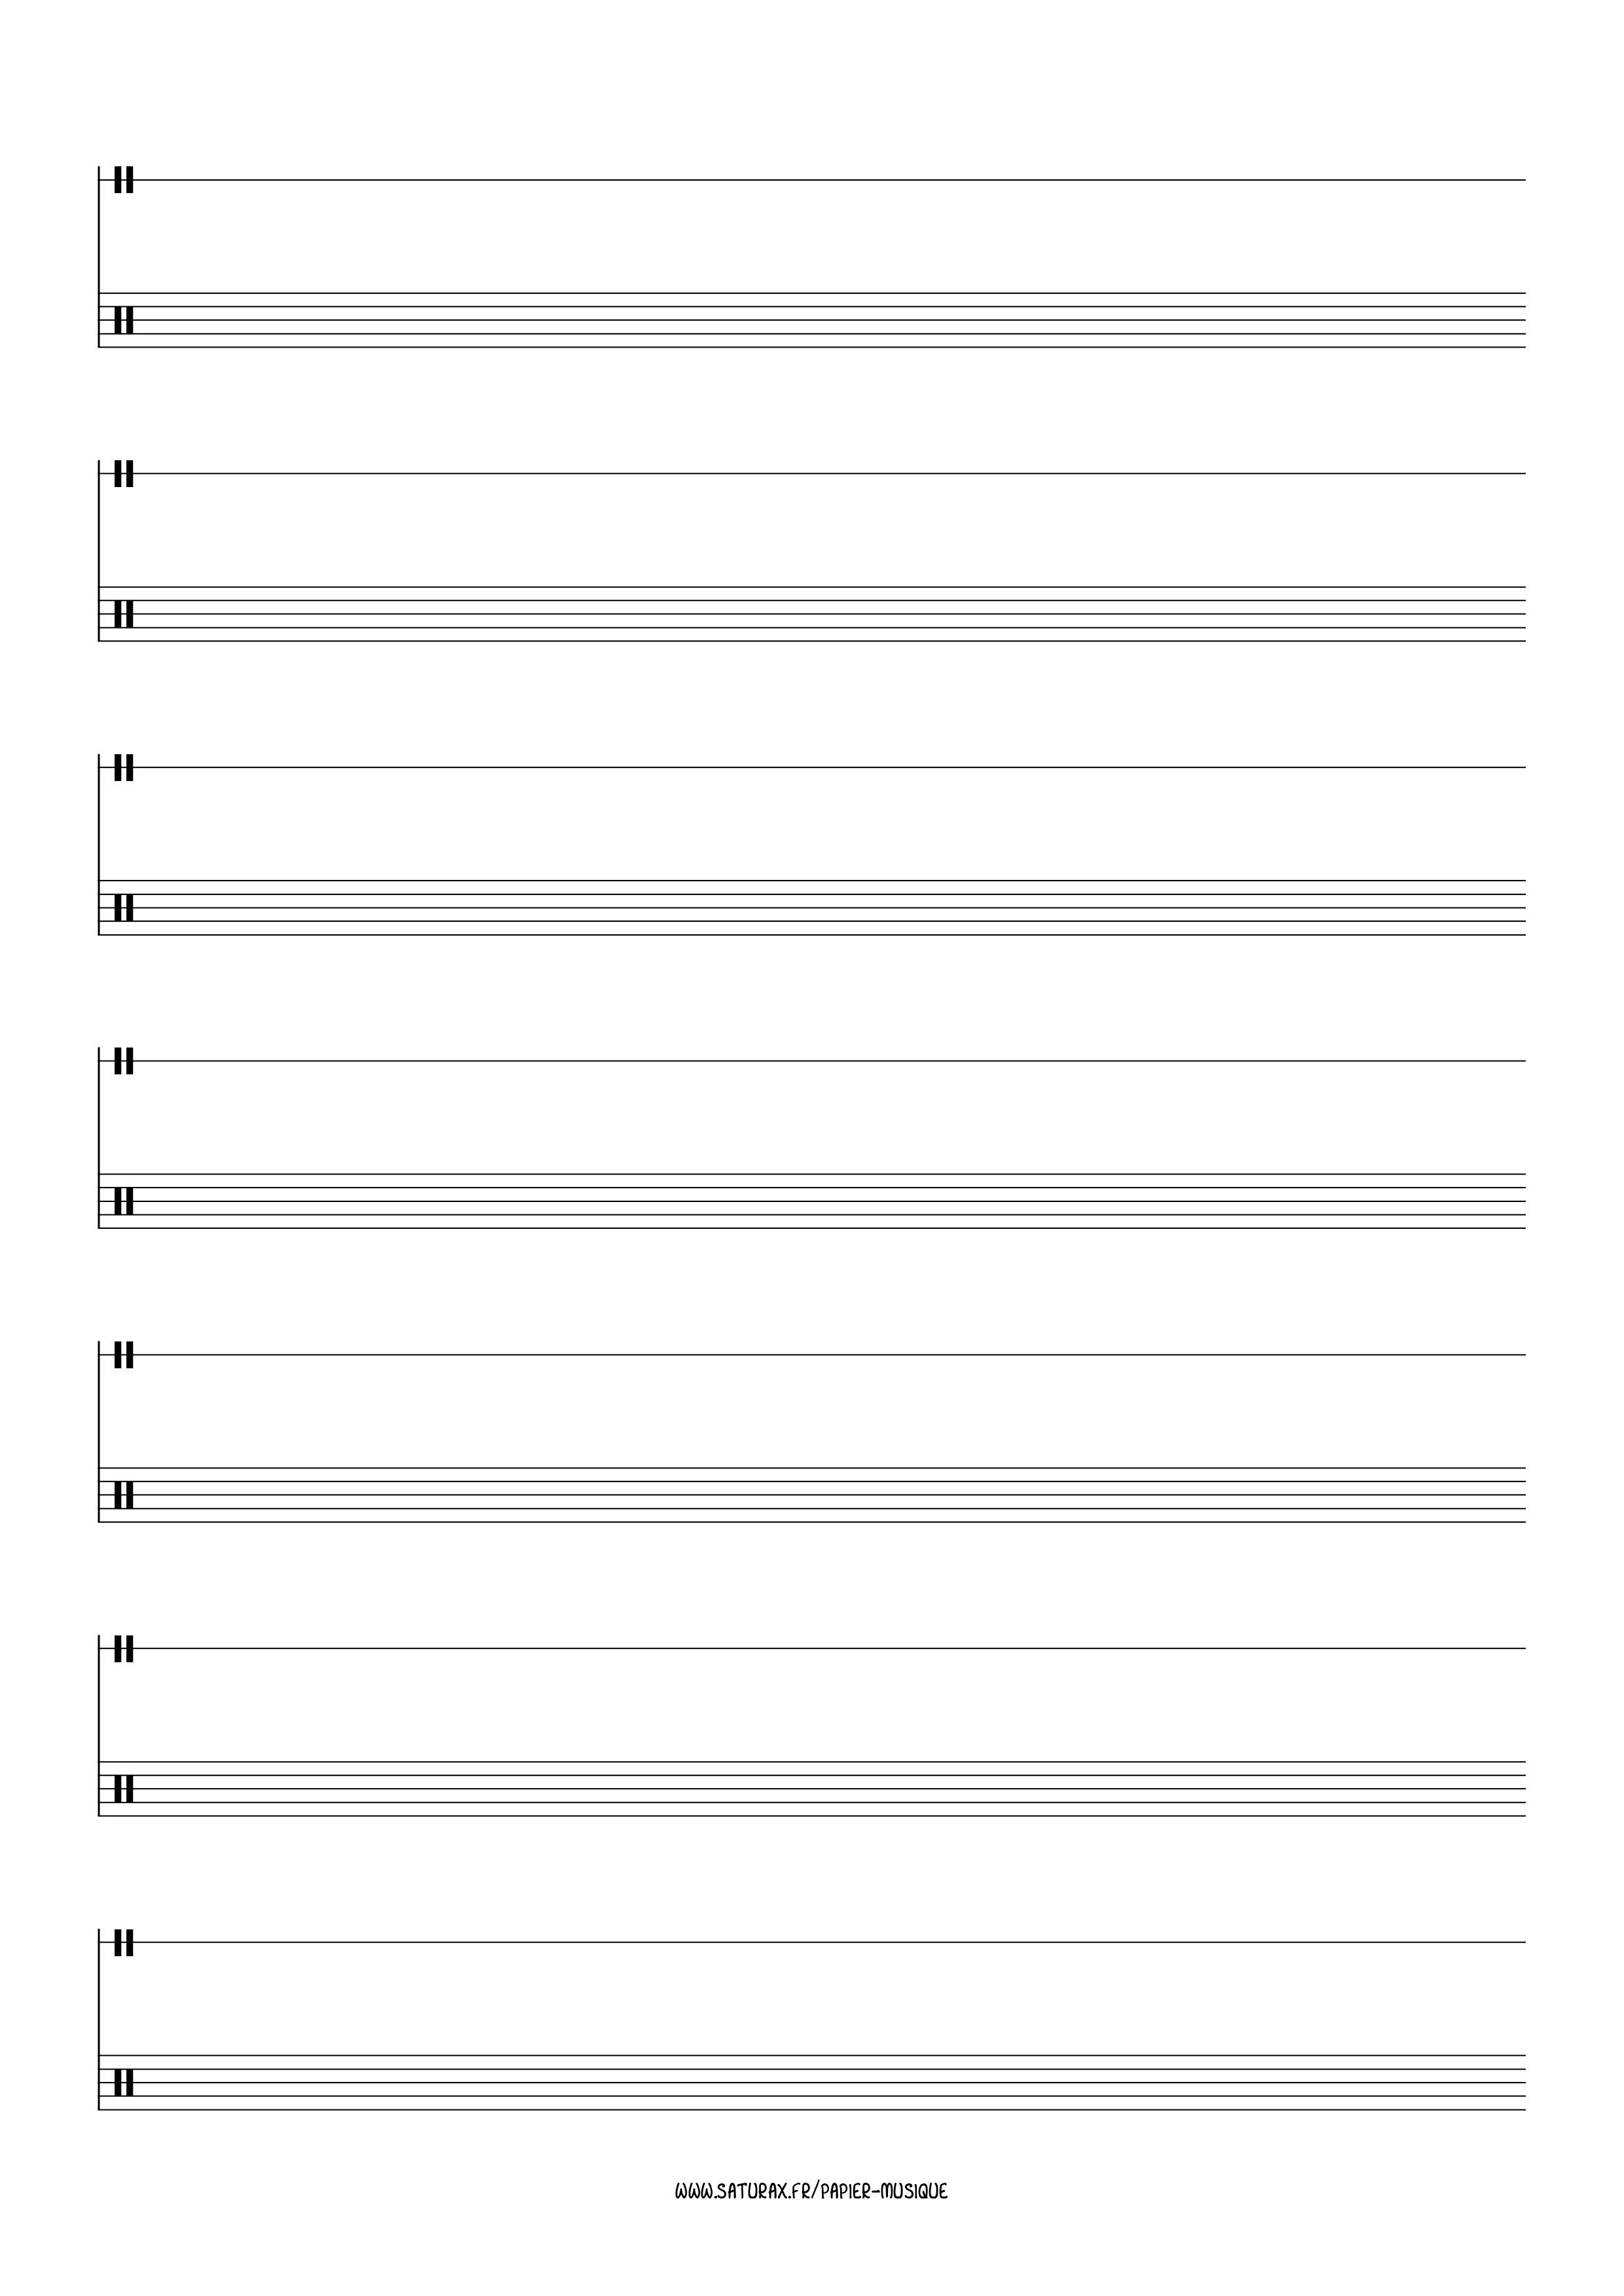 papier musique gratuit download pdf percus percussions batterie batteur